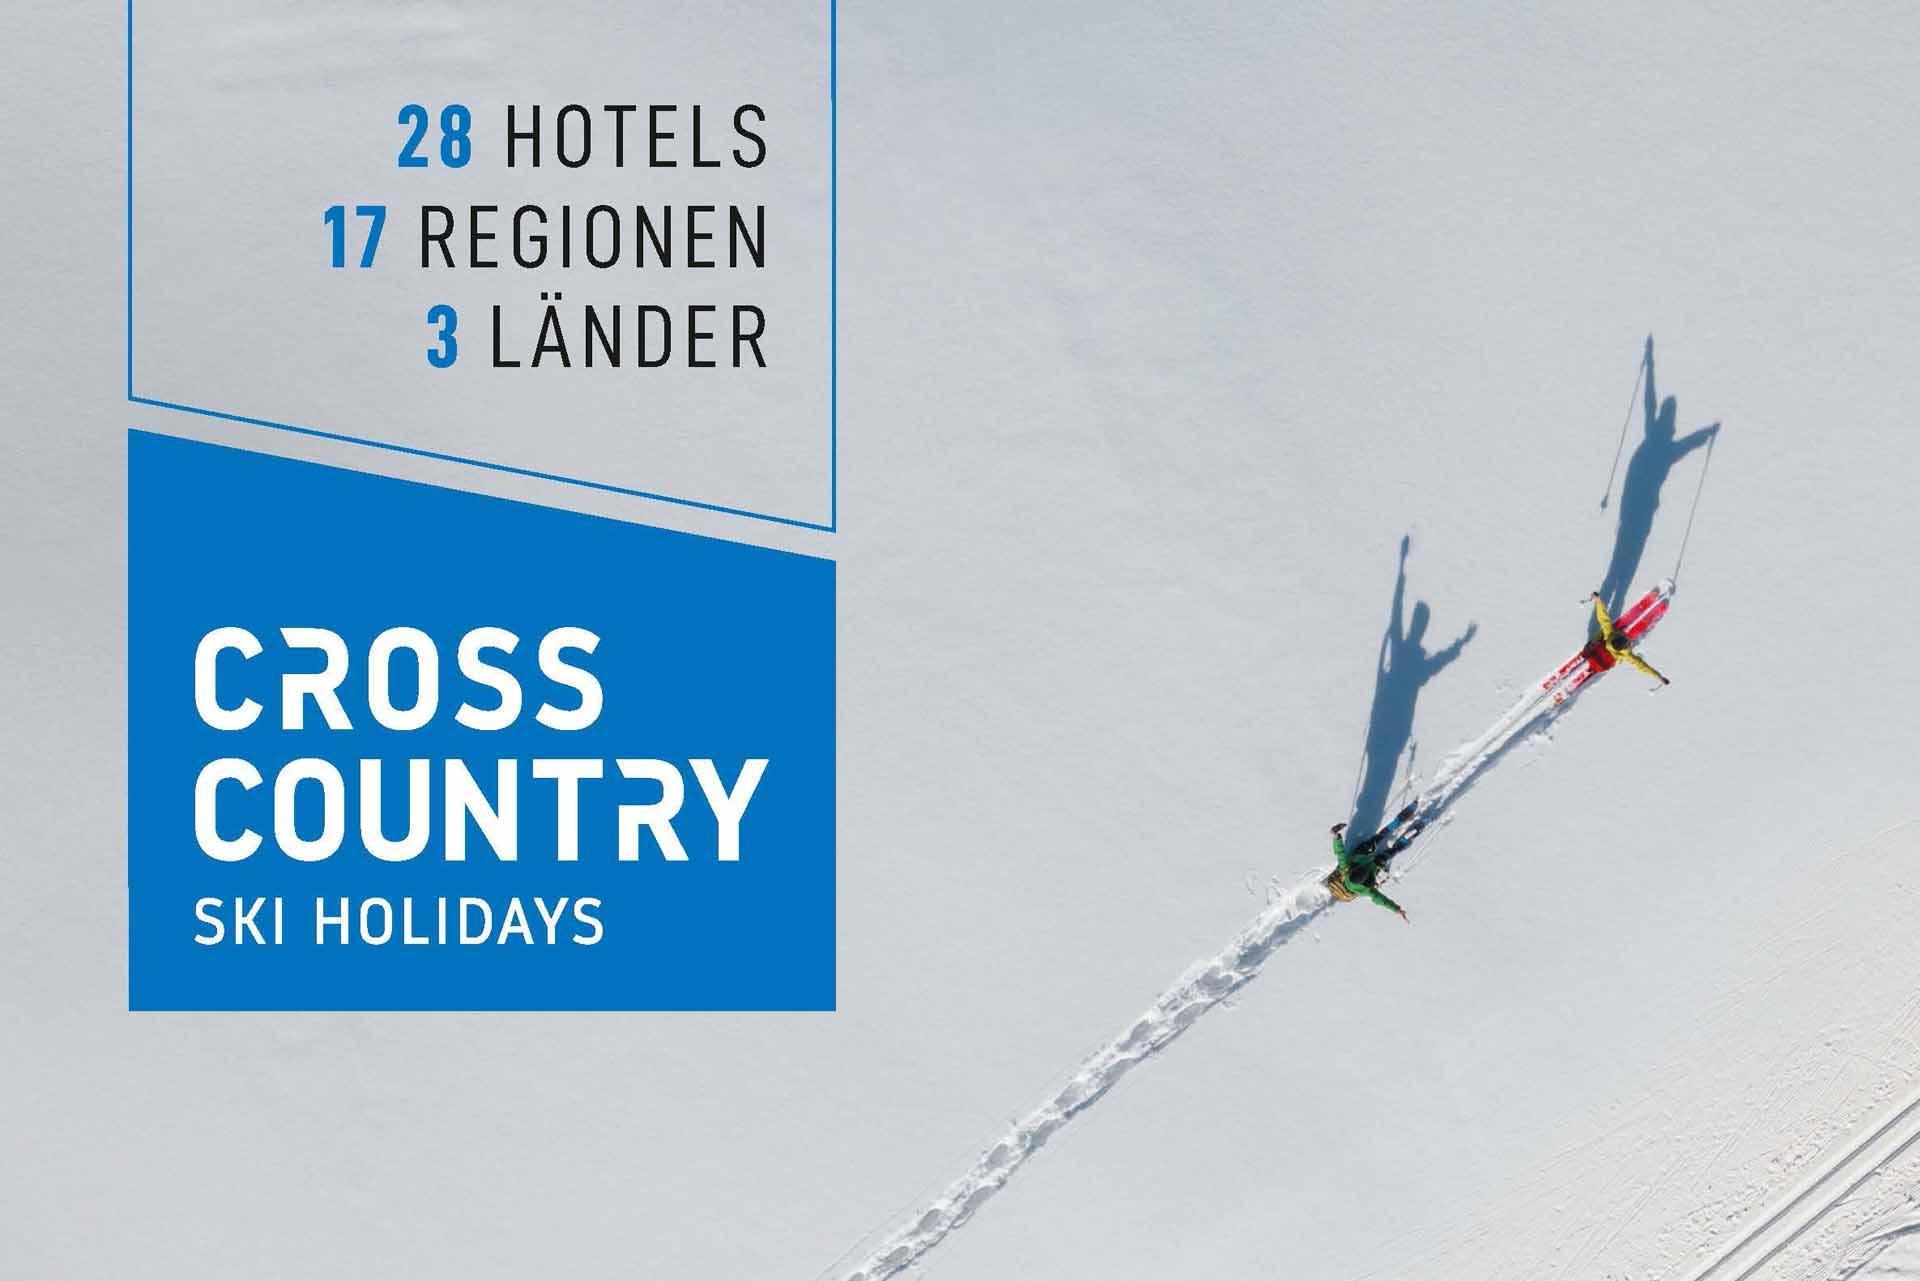 Cross Country Ski Holidays Katalog 2019/20